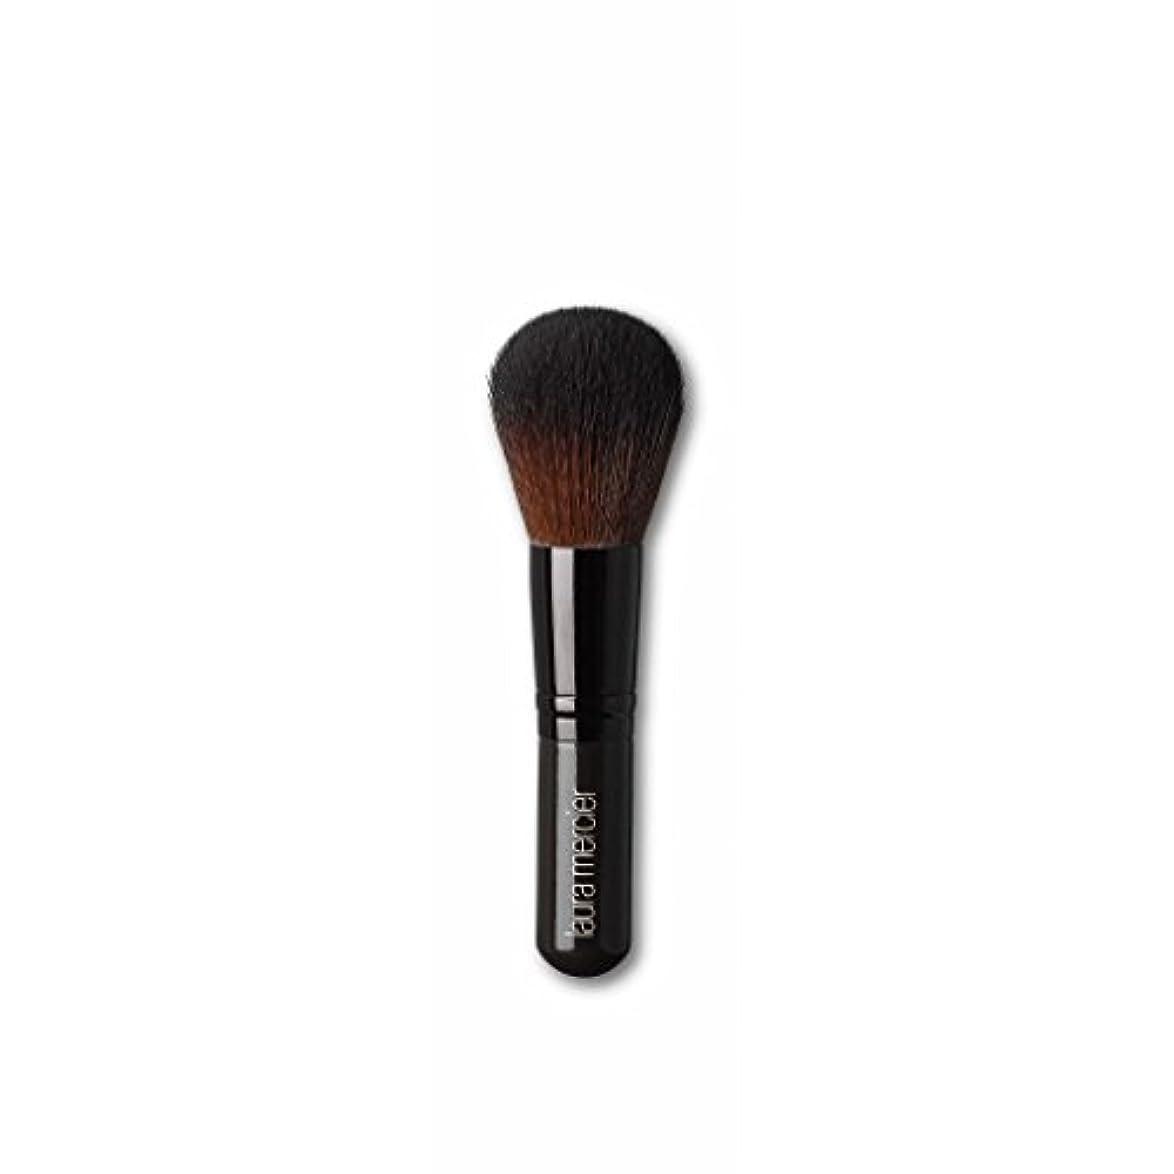 倒産甘やかすぴかぴかLaura Mercier Severely Round Head Blending Synthetic Powder Brush